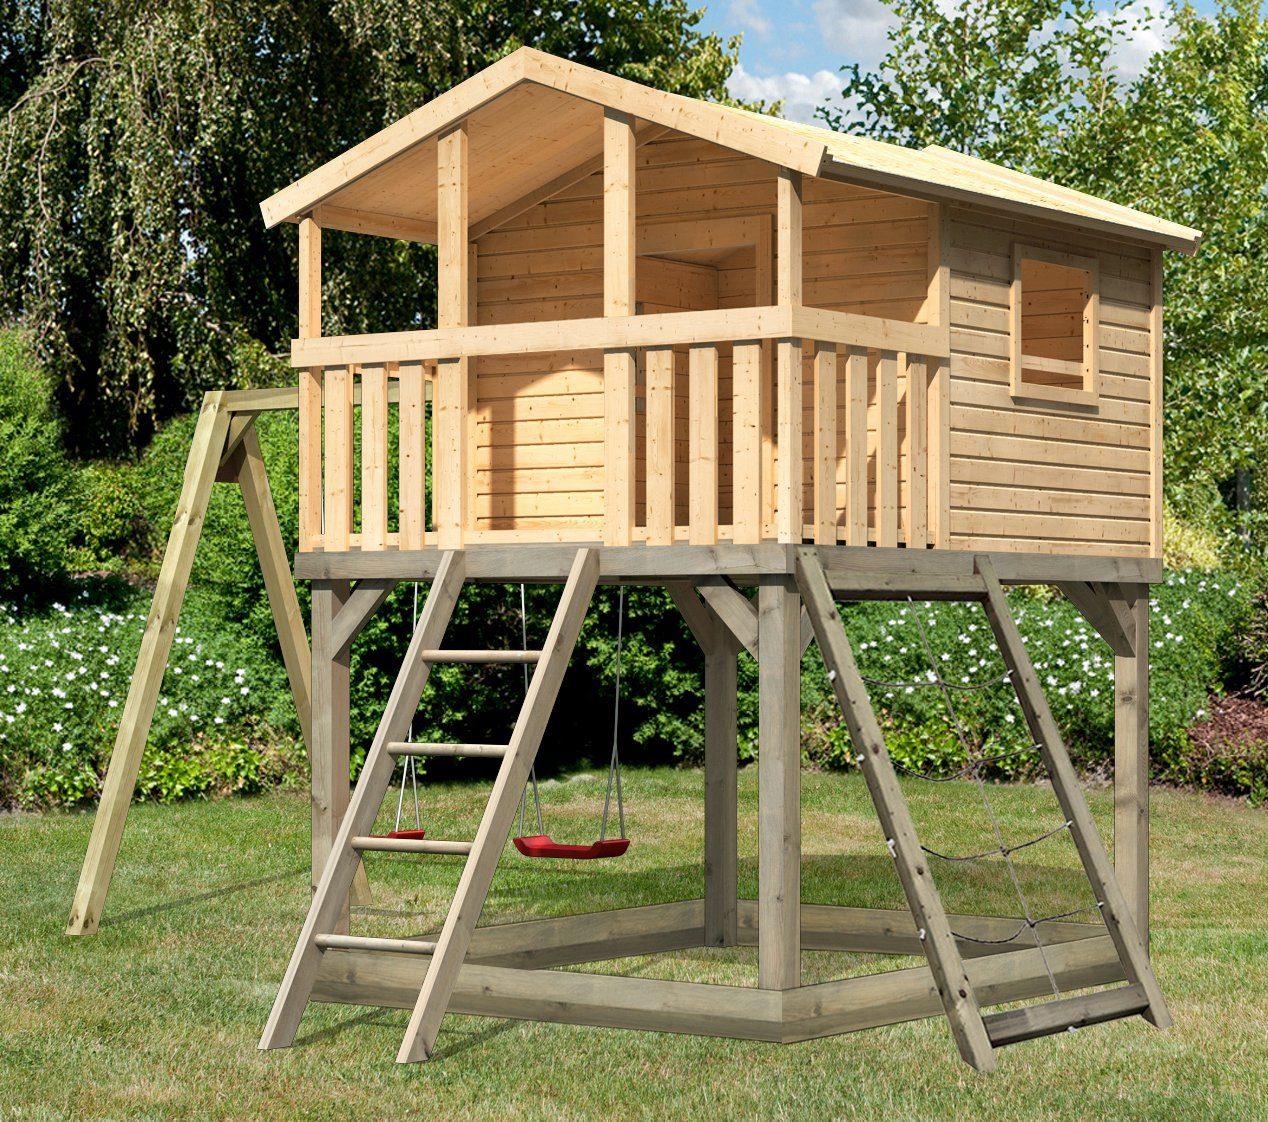 KARIBU Spielturm »Unfug 11«, BxT: 470x339 cm, mit Sandkasten, Doppelschaukel, Netzrampe